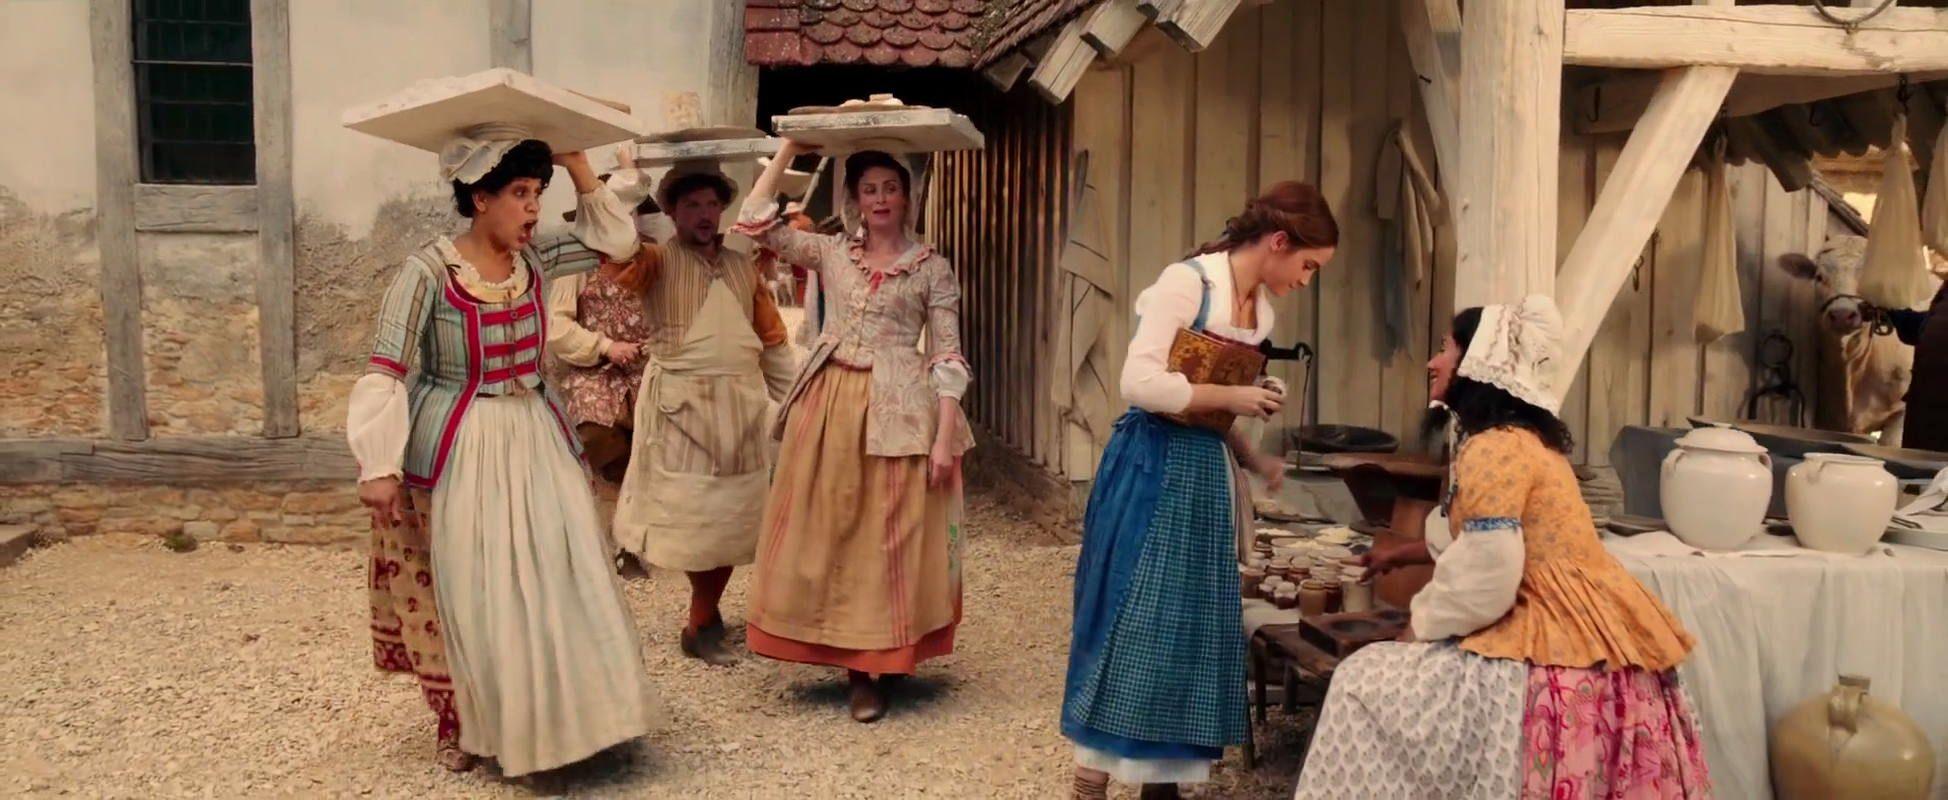 Dân làng trong phim beauty and the beast phong cách cottagecore